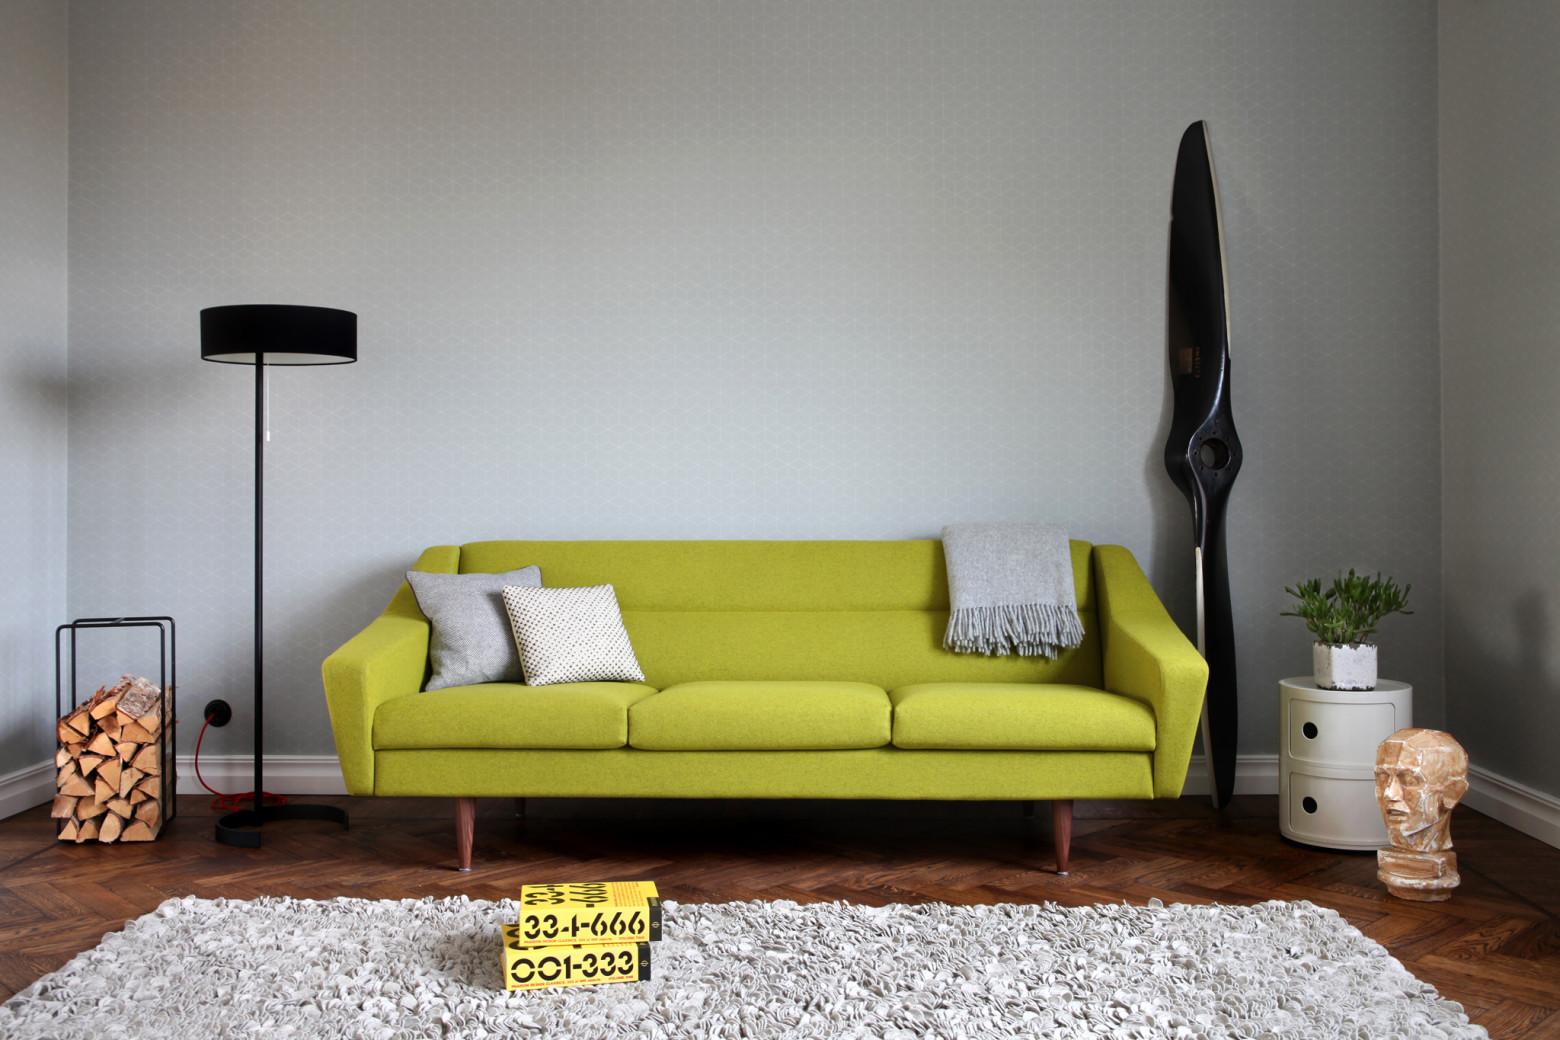 Sofa_Cosmo_2048 OOT-OOT mööbel